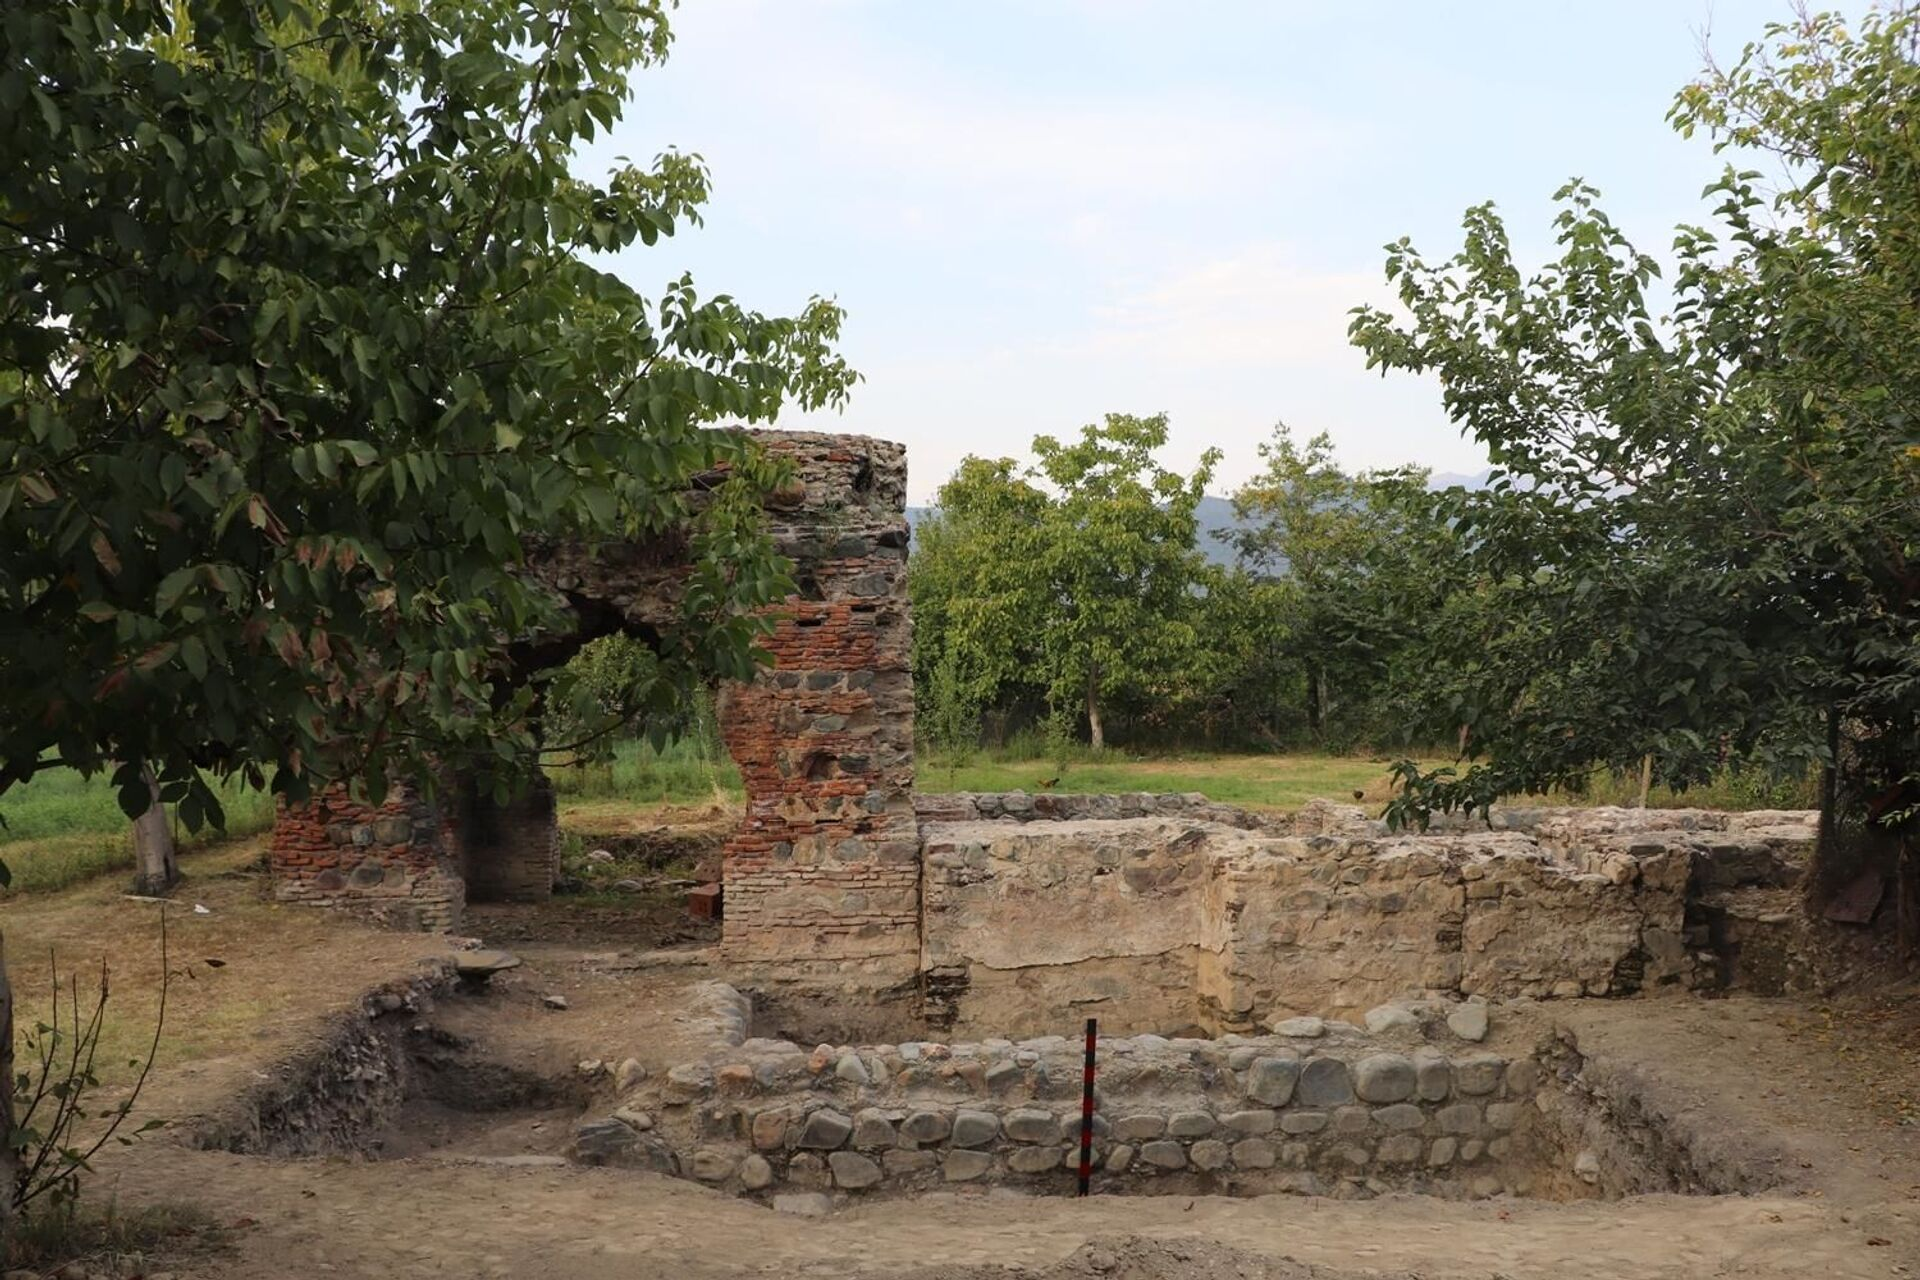 Qafqaz Albaniyasına aid abidədə arxeoloji tədqiqat - Sputnik Azərbaycan, 1920, 01.10.2021